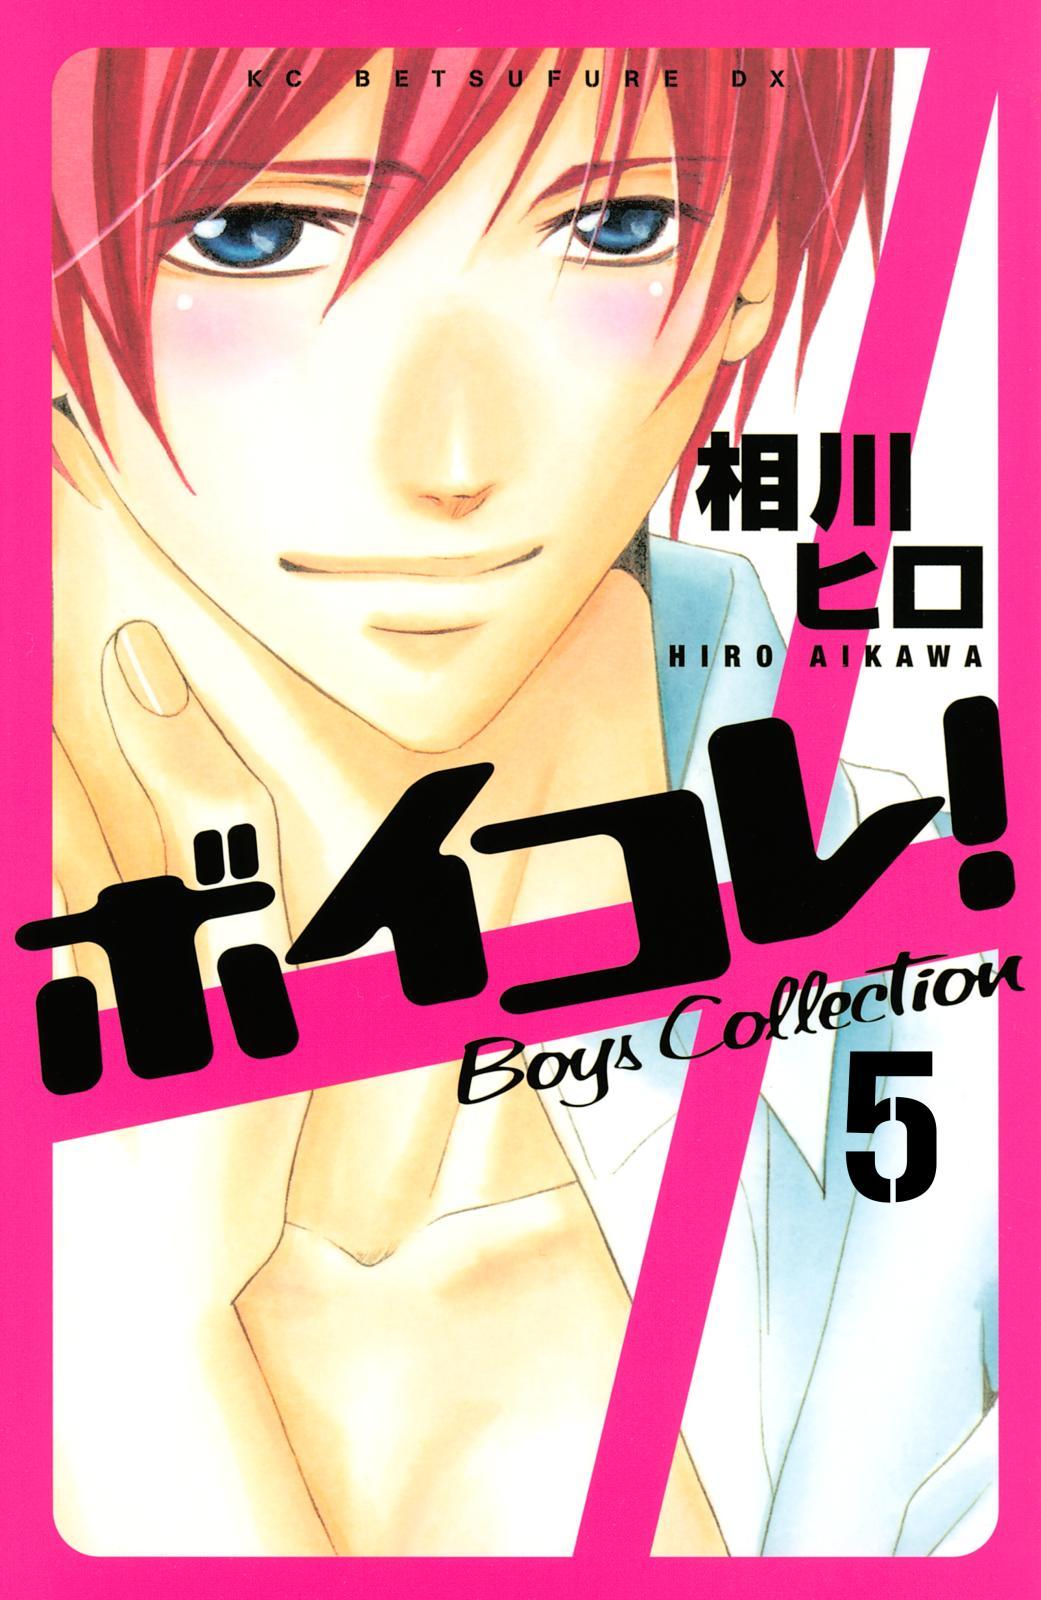 ボイコレ! 分冊版 Boys Collection(5)